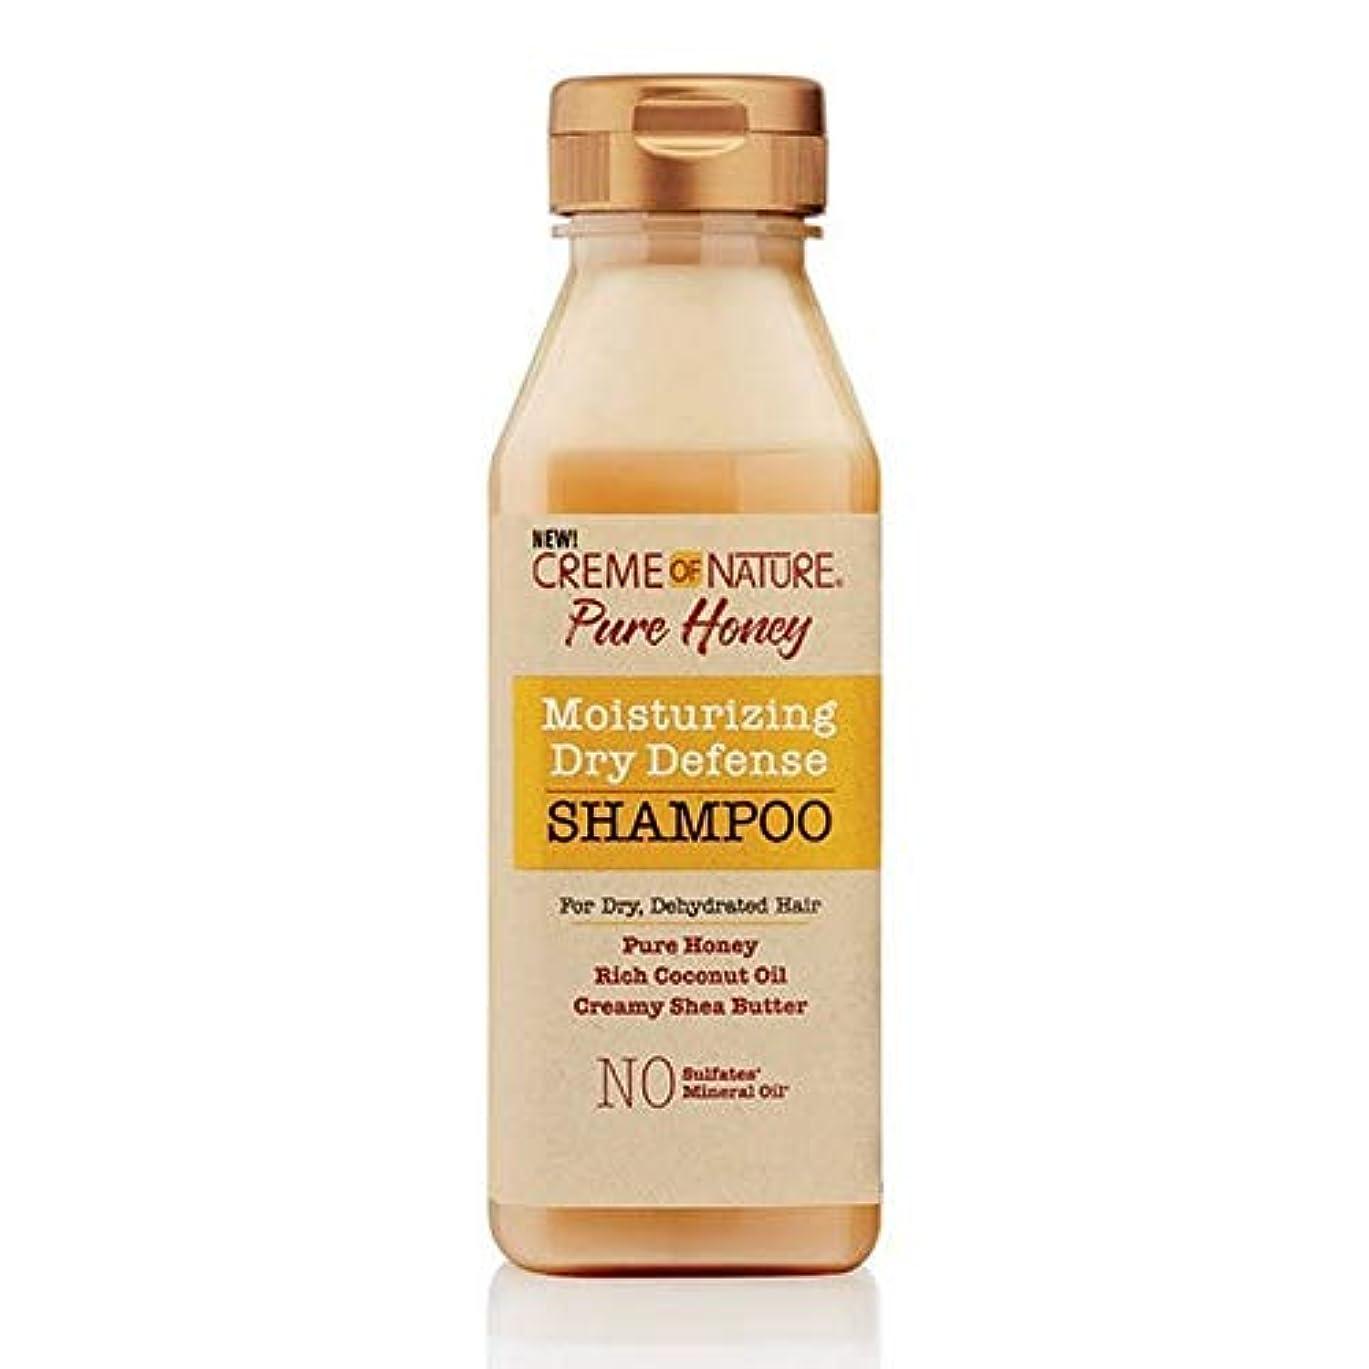 丈夫真実にマスタード[Creme of Nature ] 自然の純粋な蜂蜜の保湿乾燥防衛シャンプーのクリーム - Creme of Nature Pure Honey Moisturising Dry Defence Shampoo [並行輸入品]